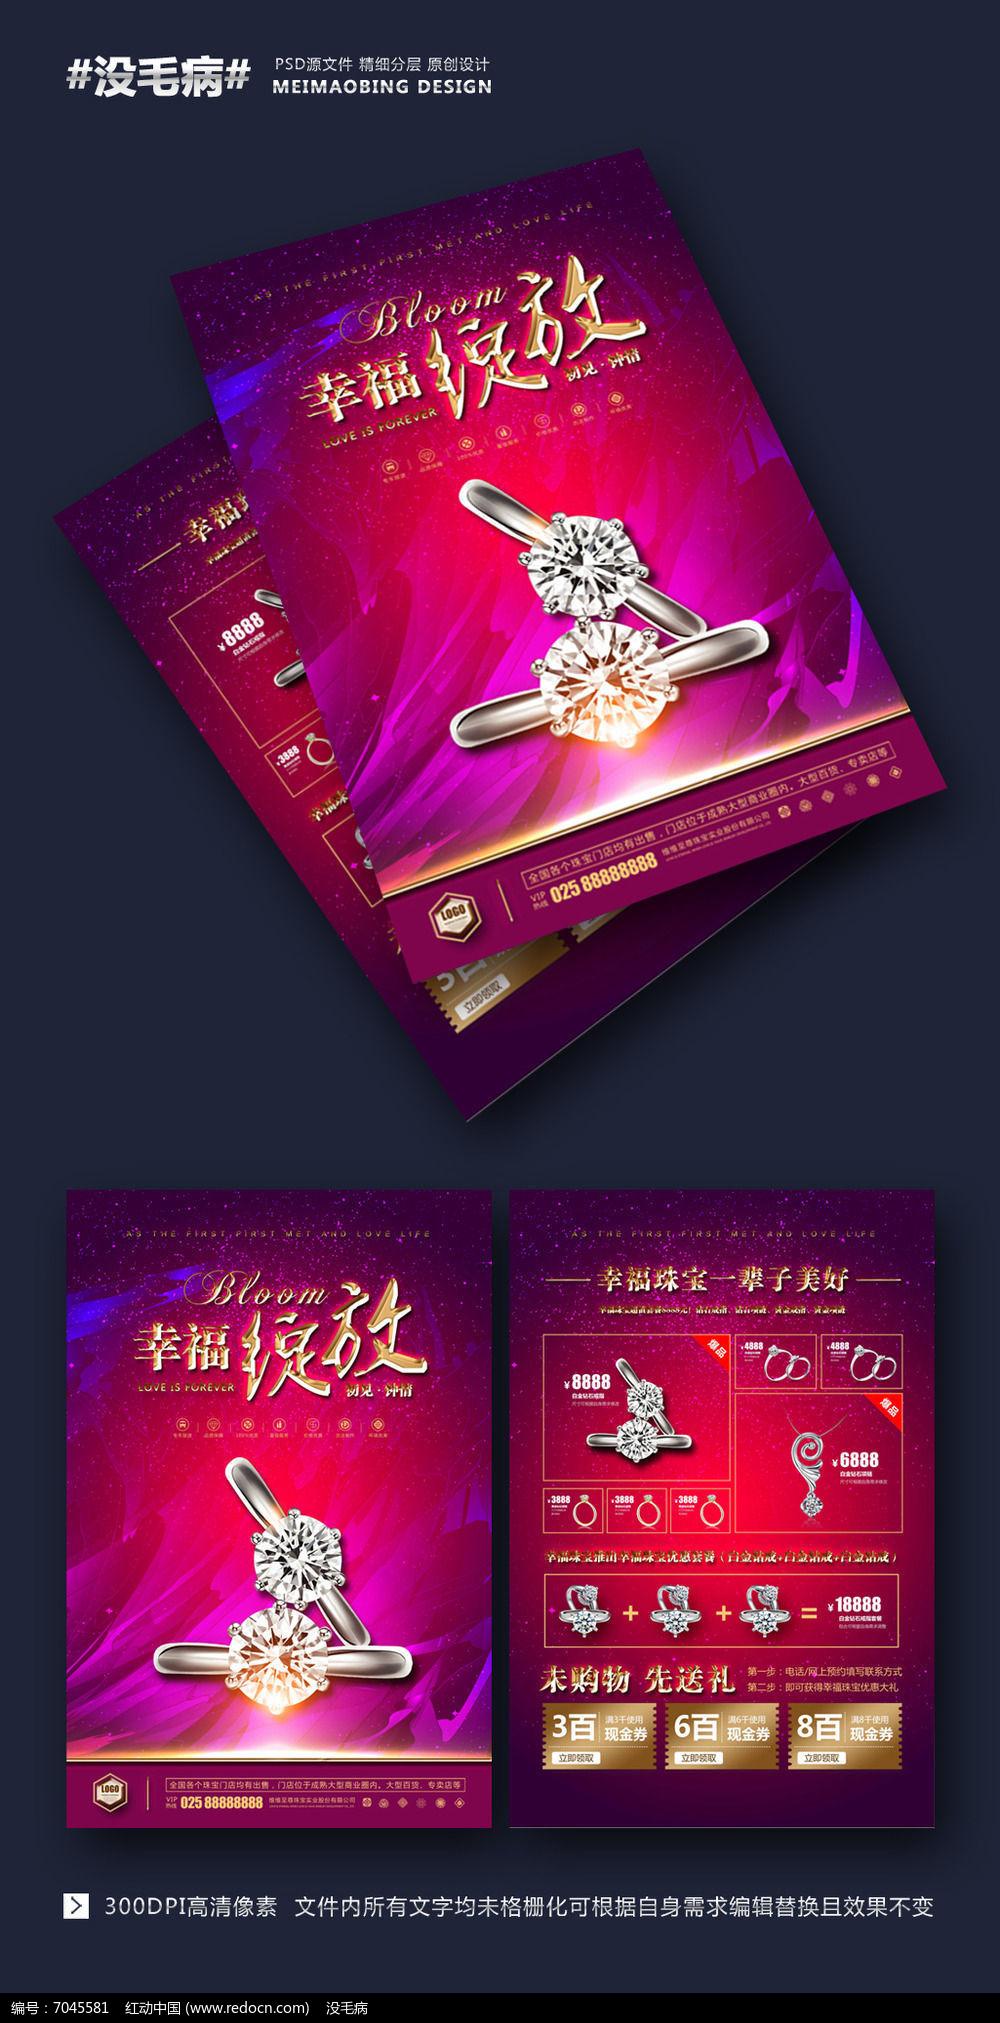 炫彩创意珠宝宣传单模板